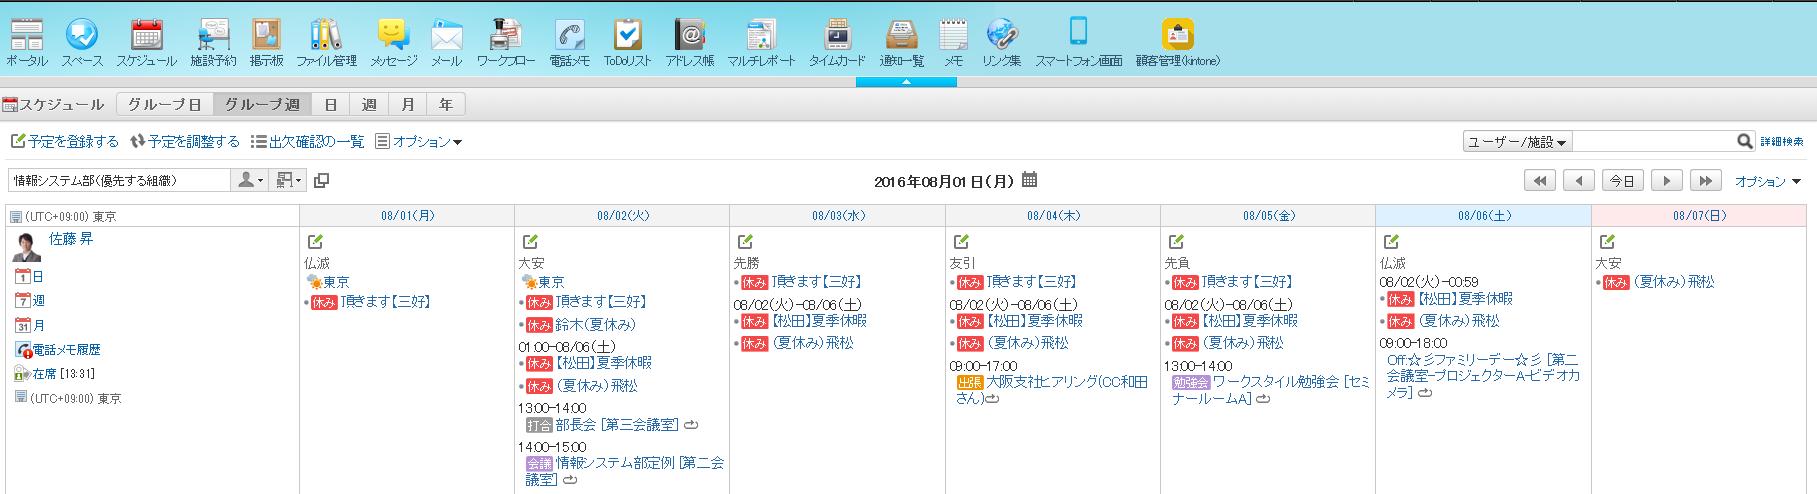 https://enterprise.cybozu.co.jp/sc0175.png